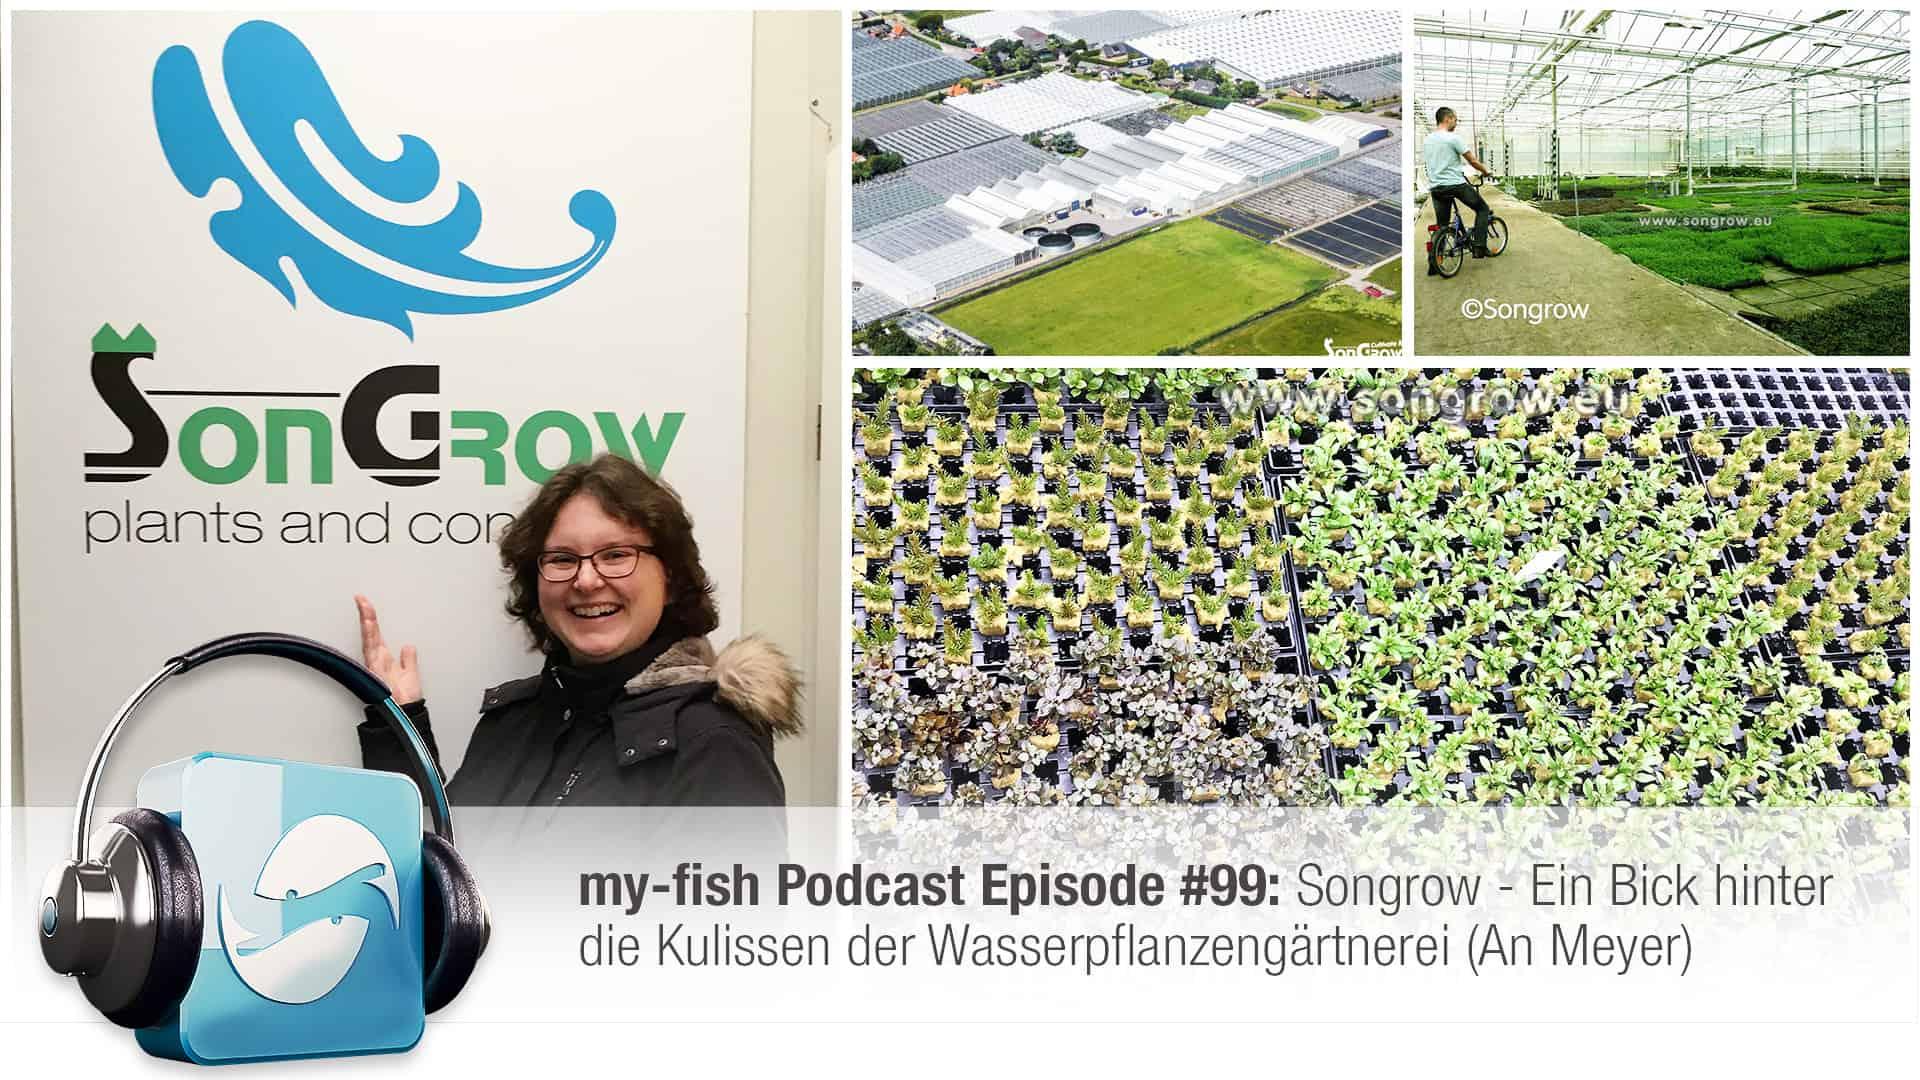 Podcast Episode #99: Songrow - Ein Bick hinter die Kulissen der Wasserpflanzengärtnerei (An Meyer) 1